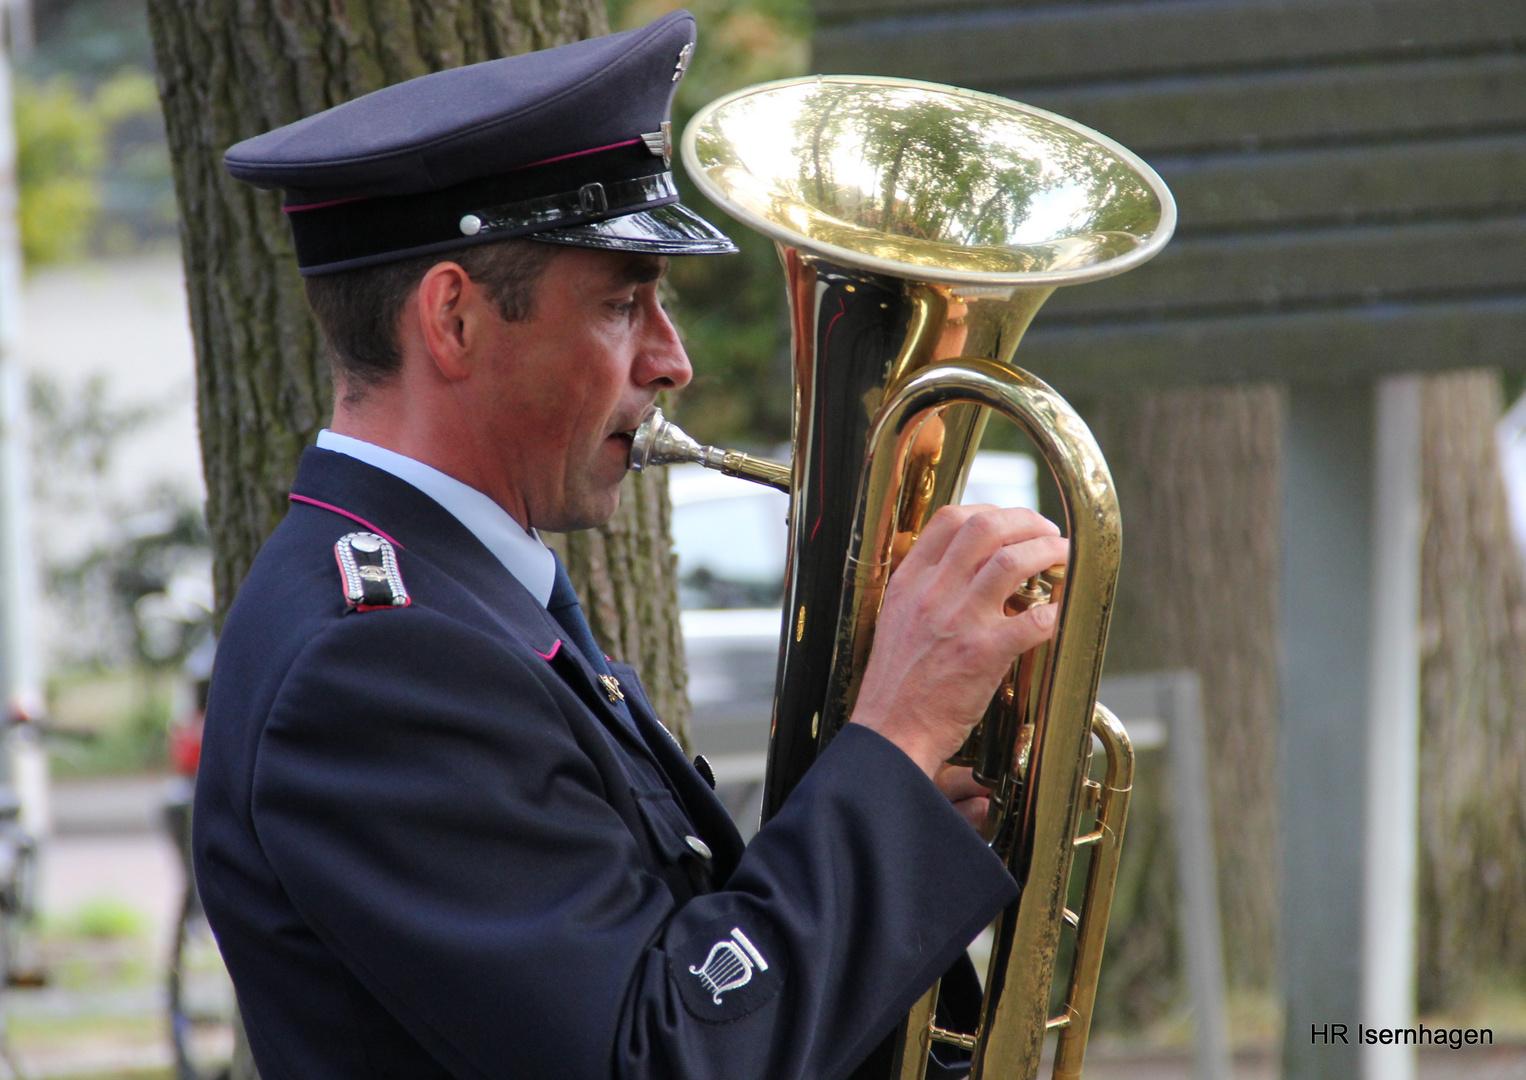 Feuerwehr und Musik